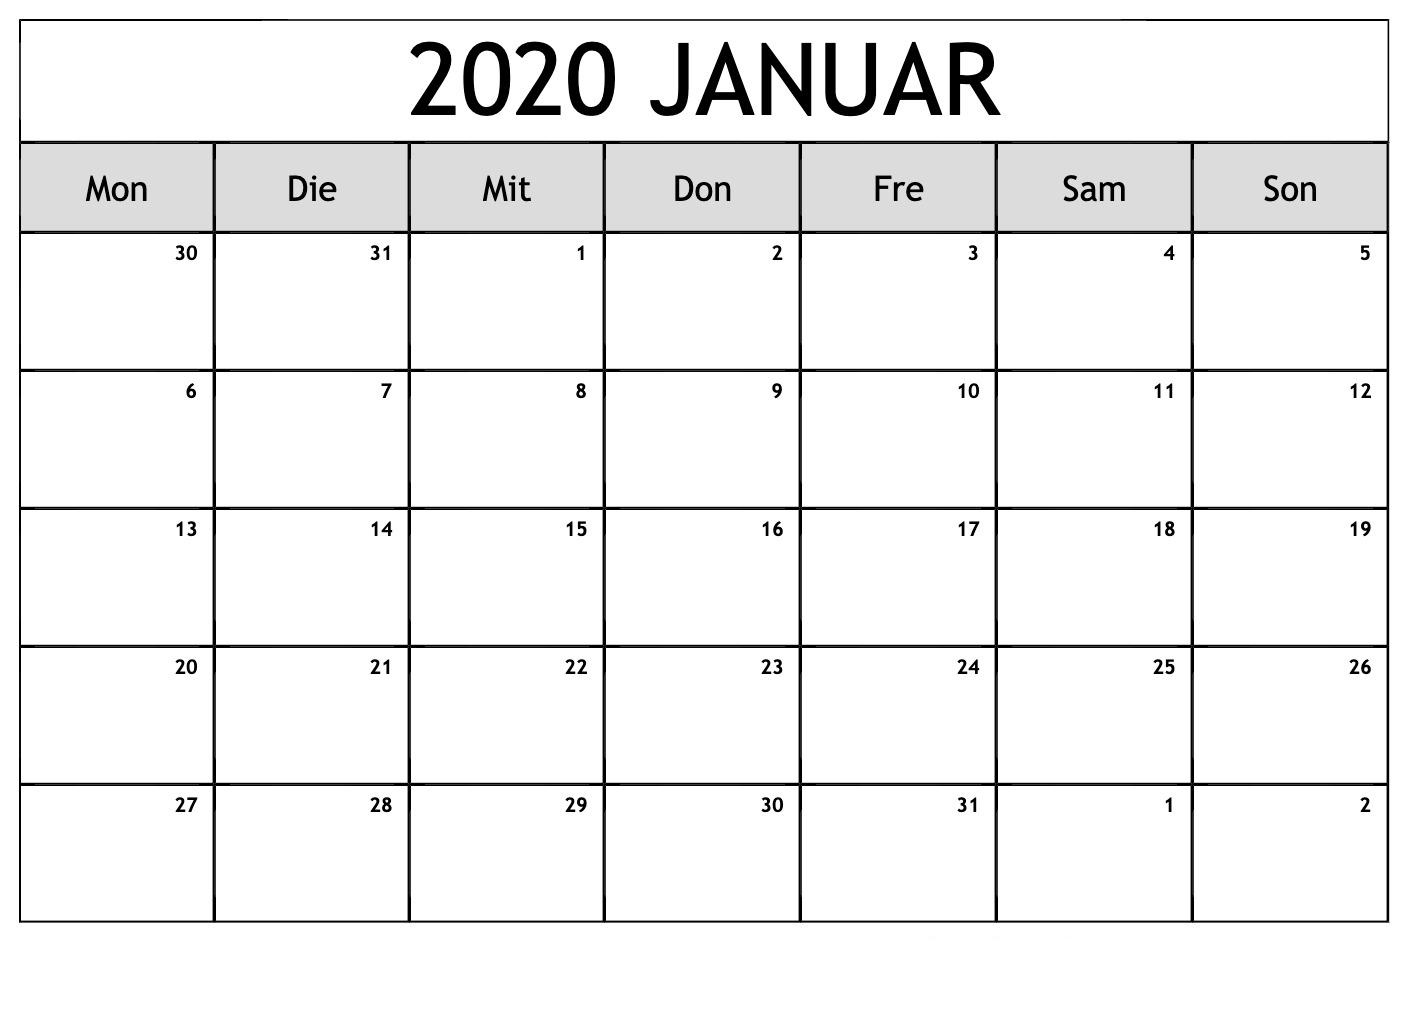 Januar 2020 Kalender PDF